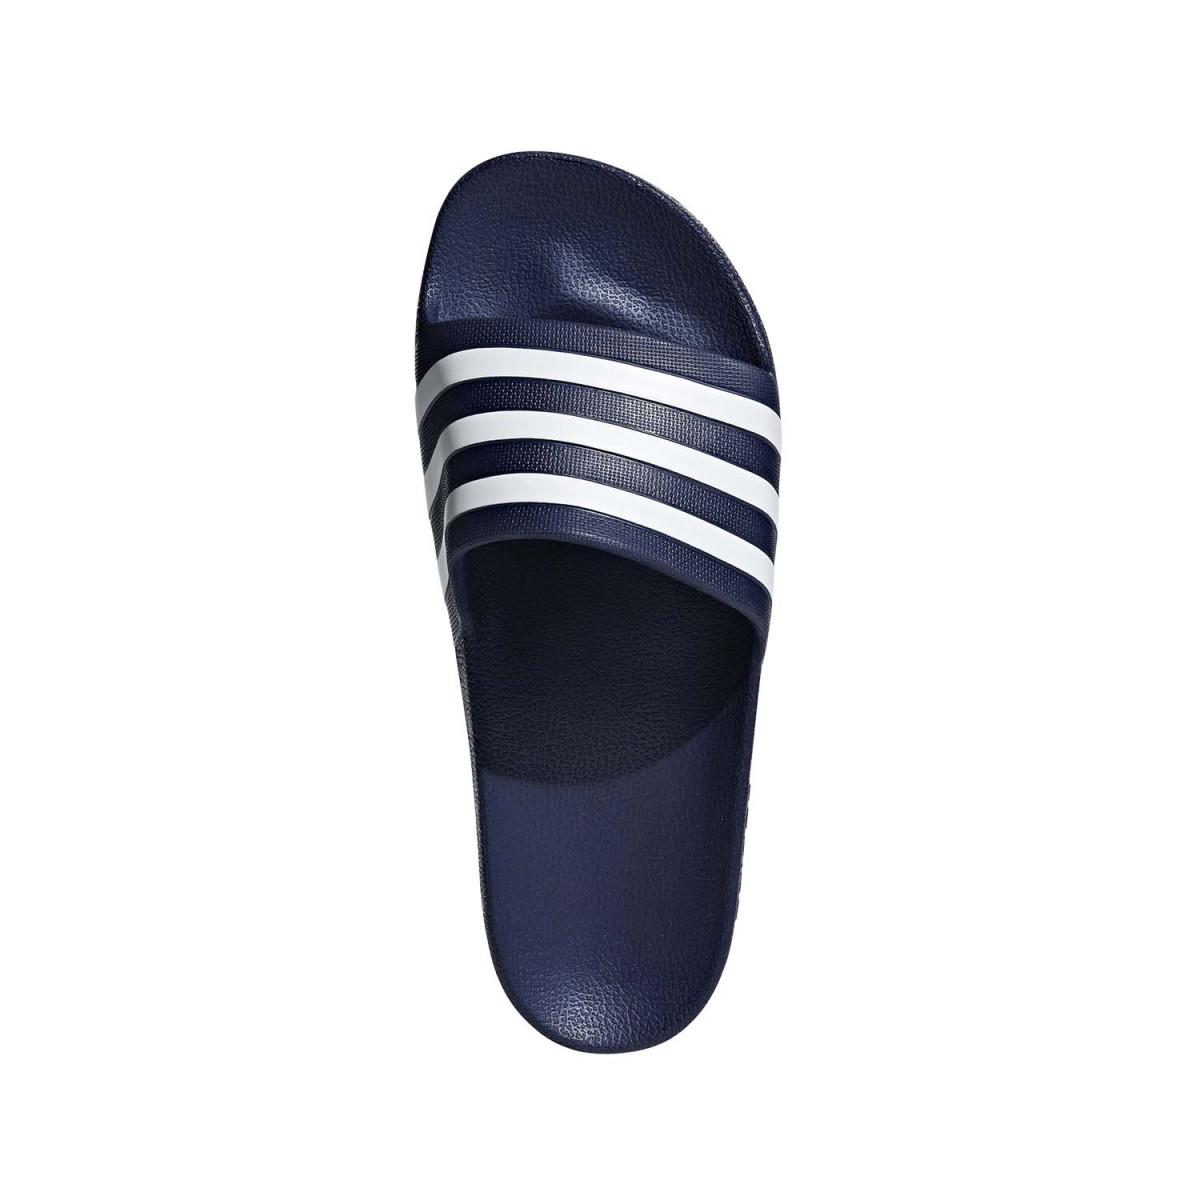 e7fe1045421 Ojotas Adidas Adilette - Hombre